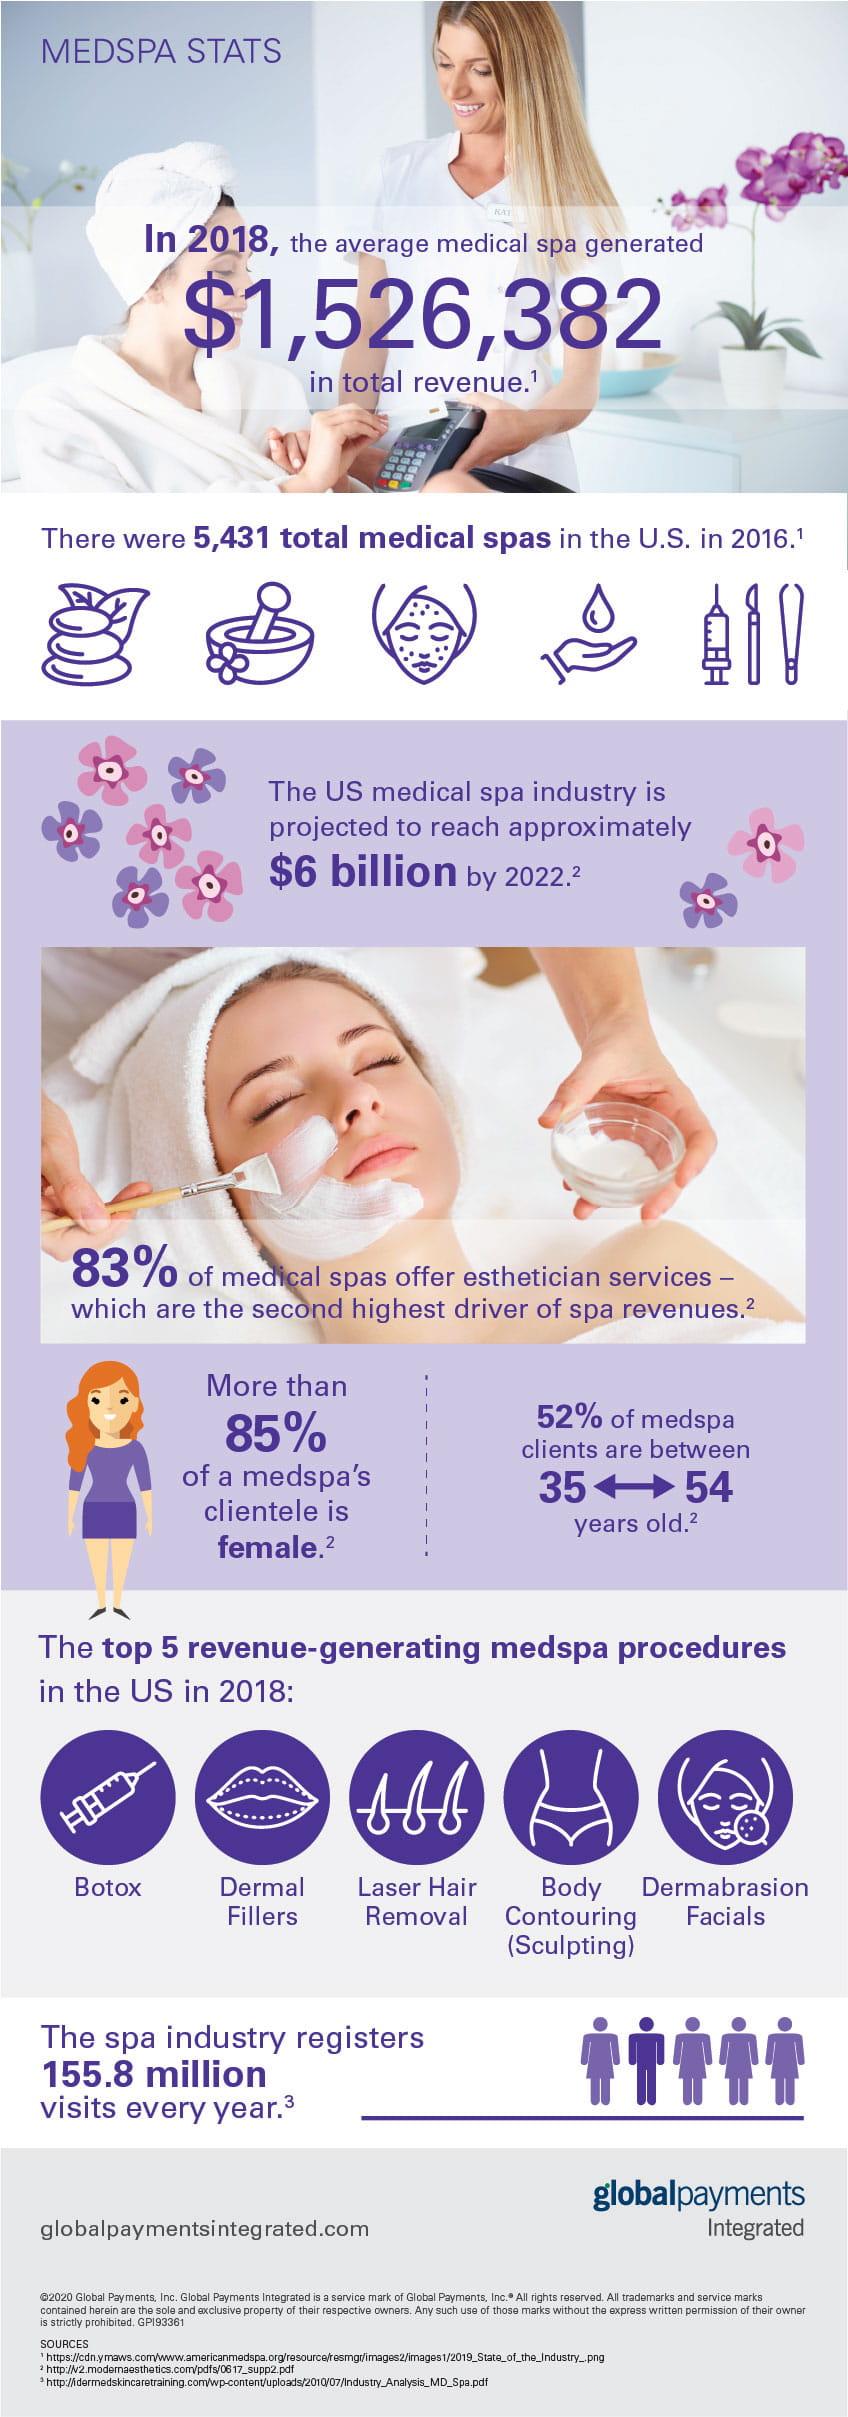 Medspa payment statistics infographic